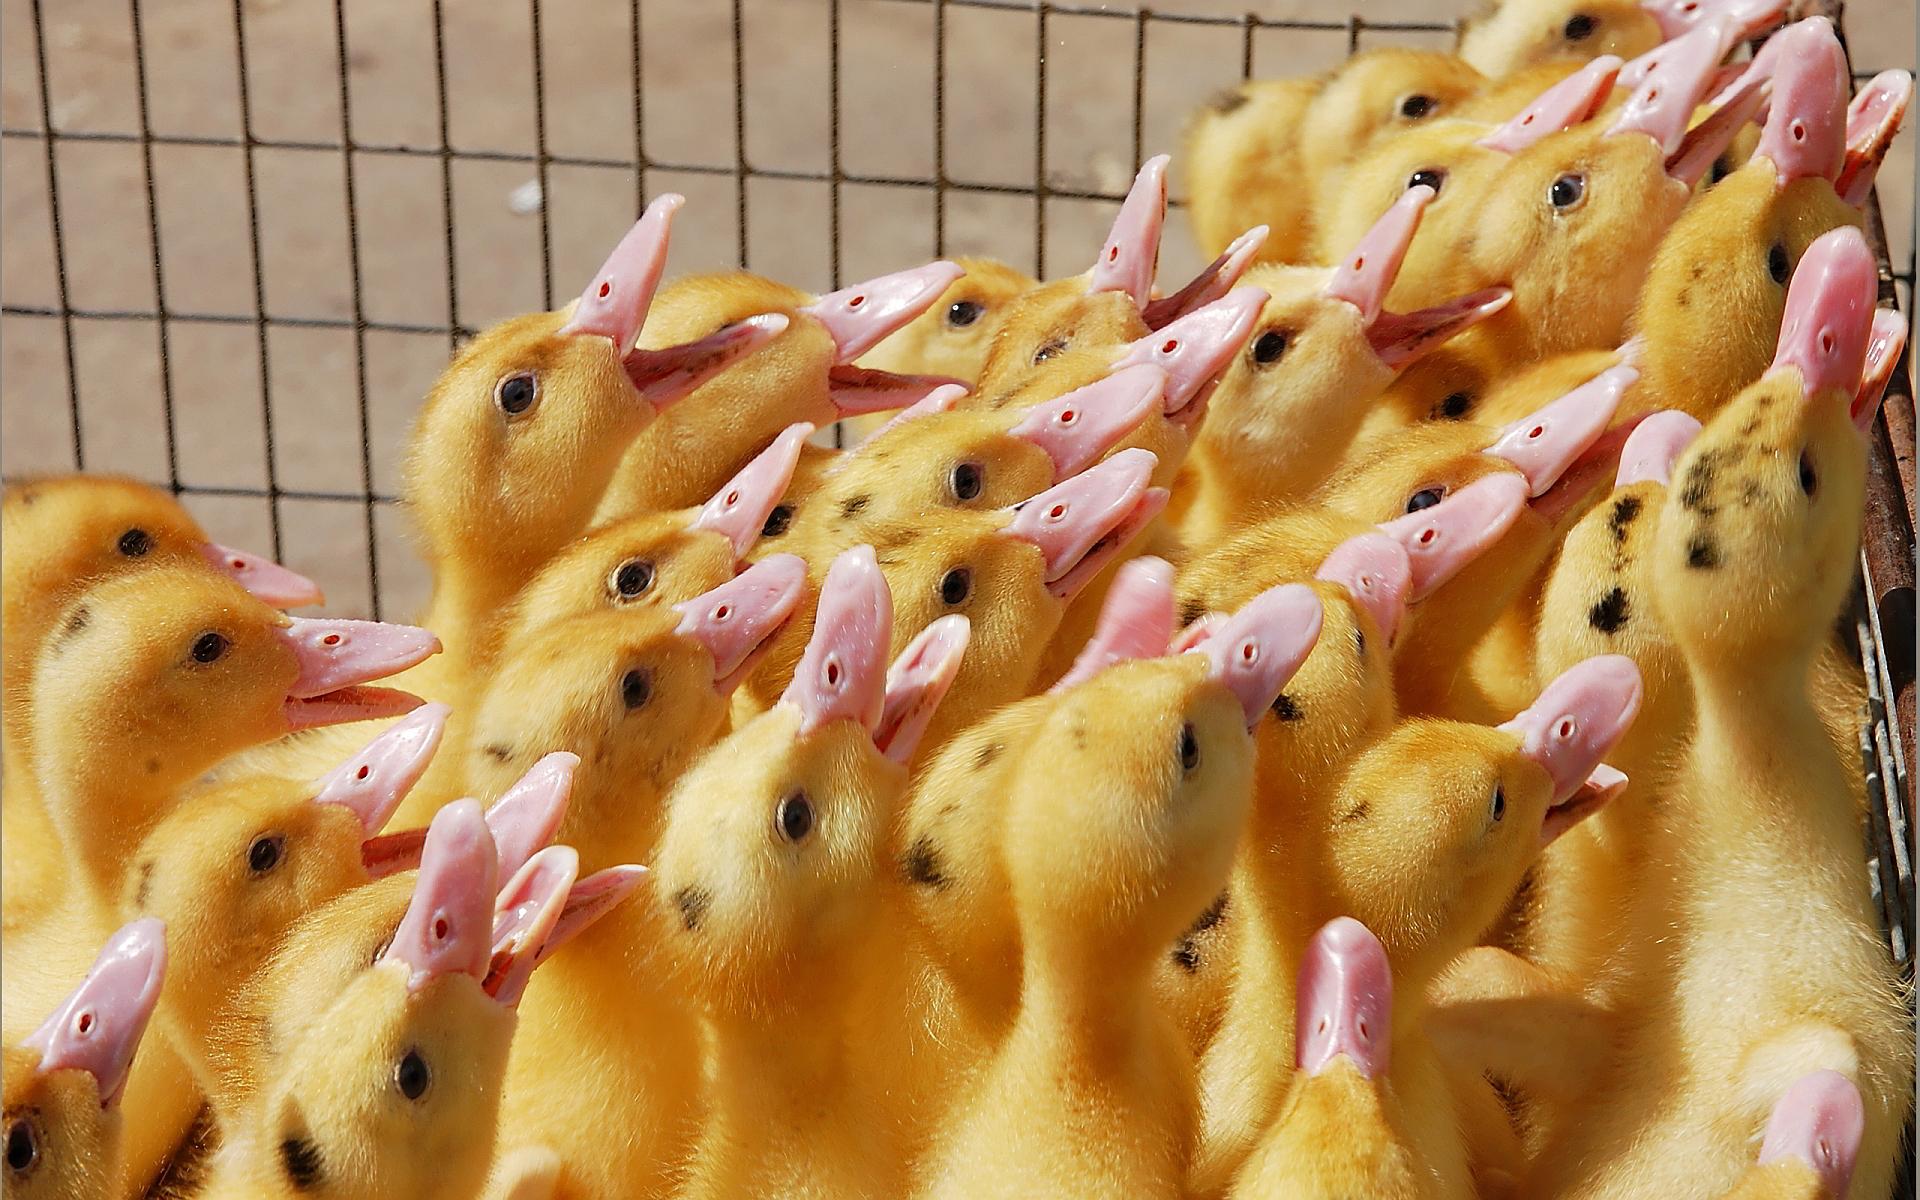 ducklings pc wallpaper